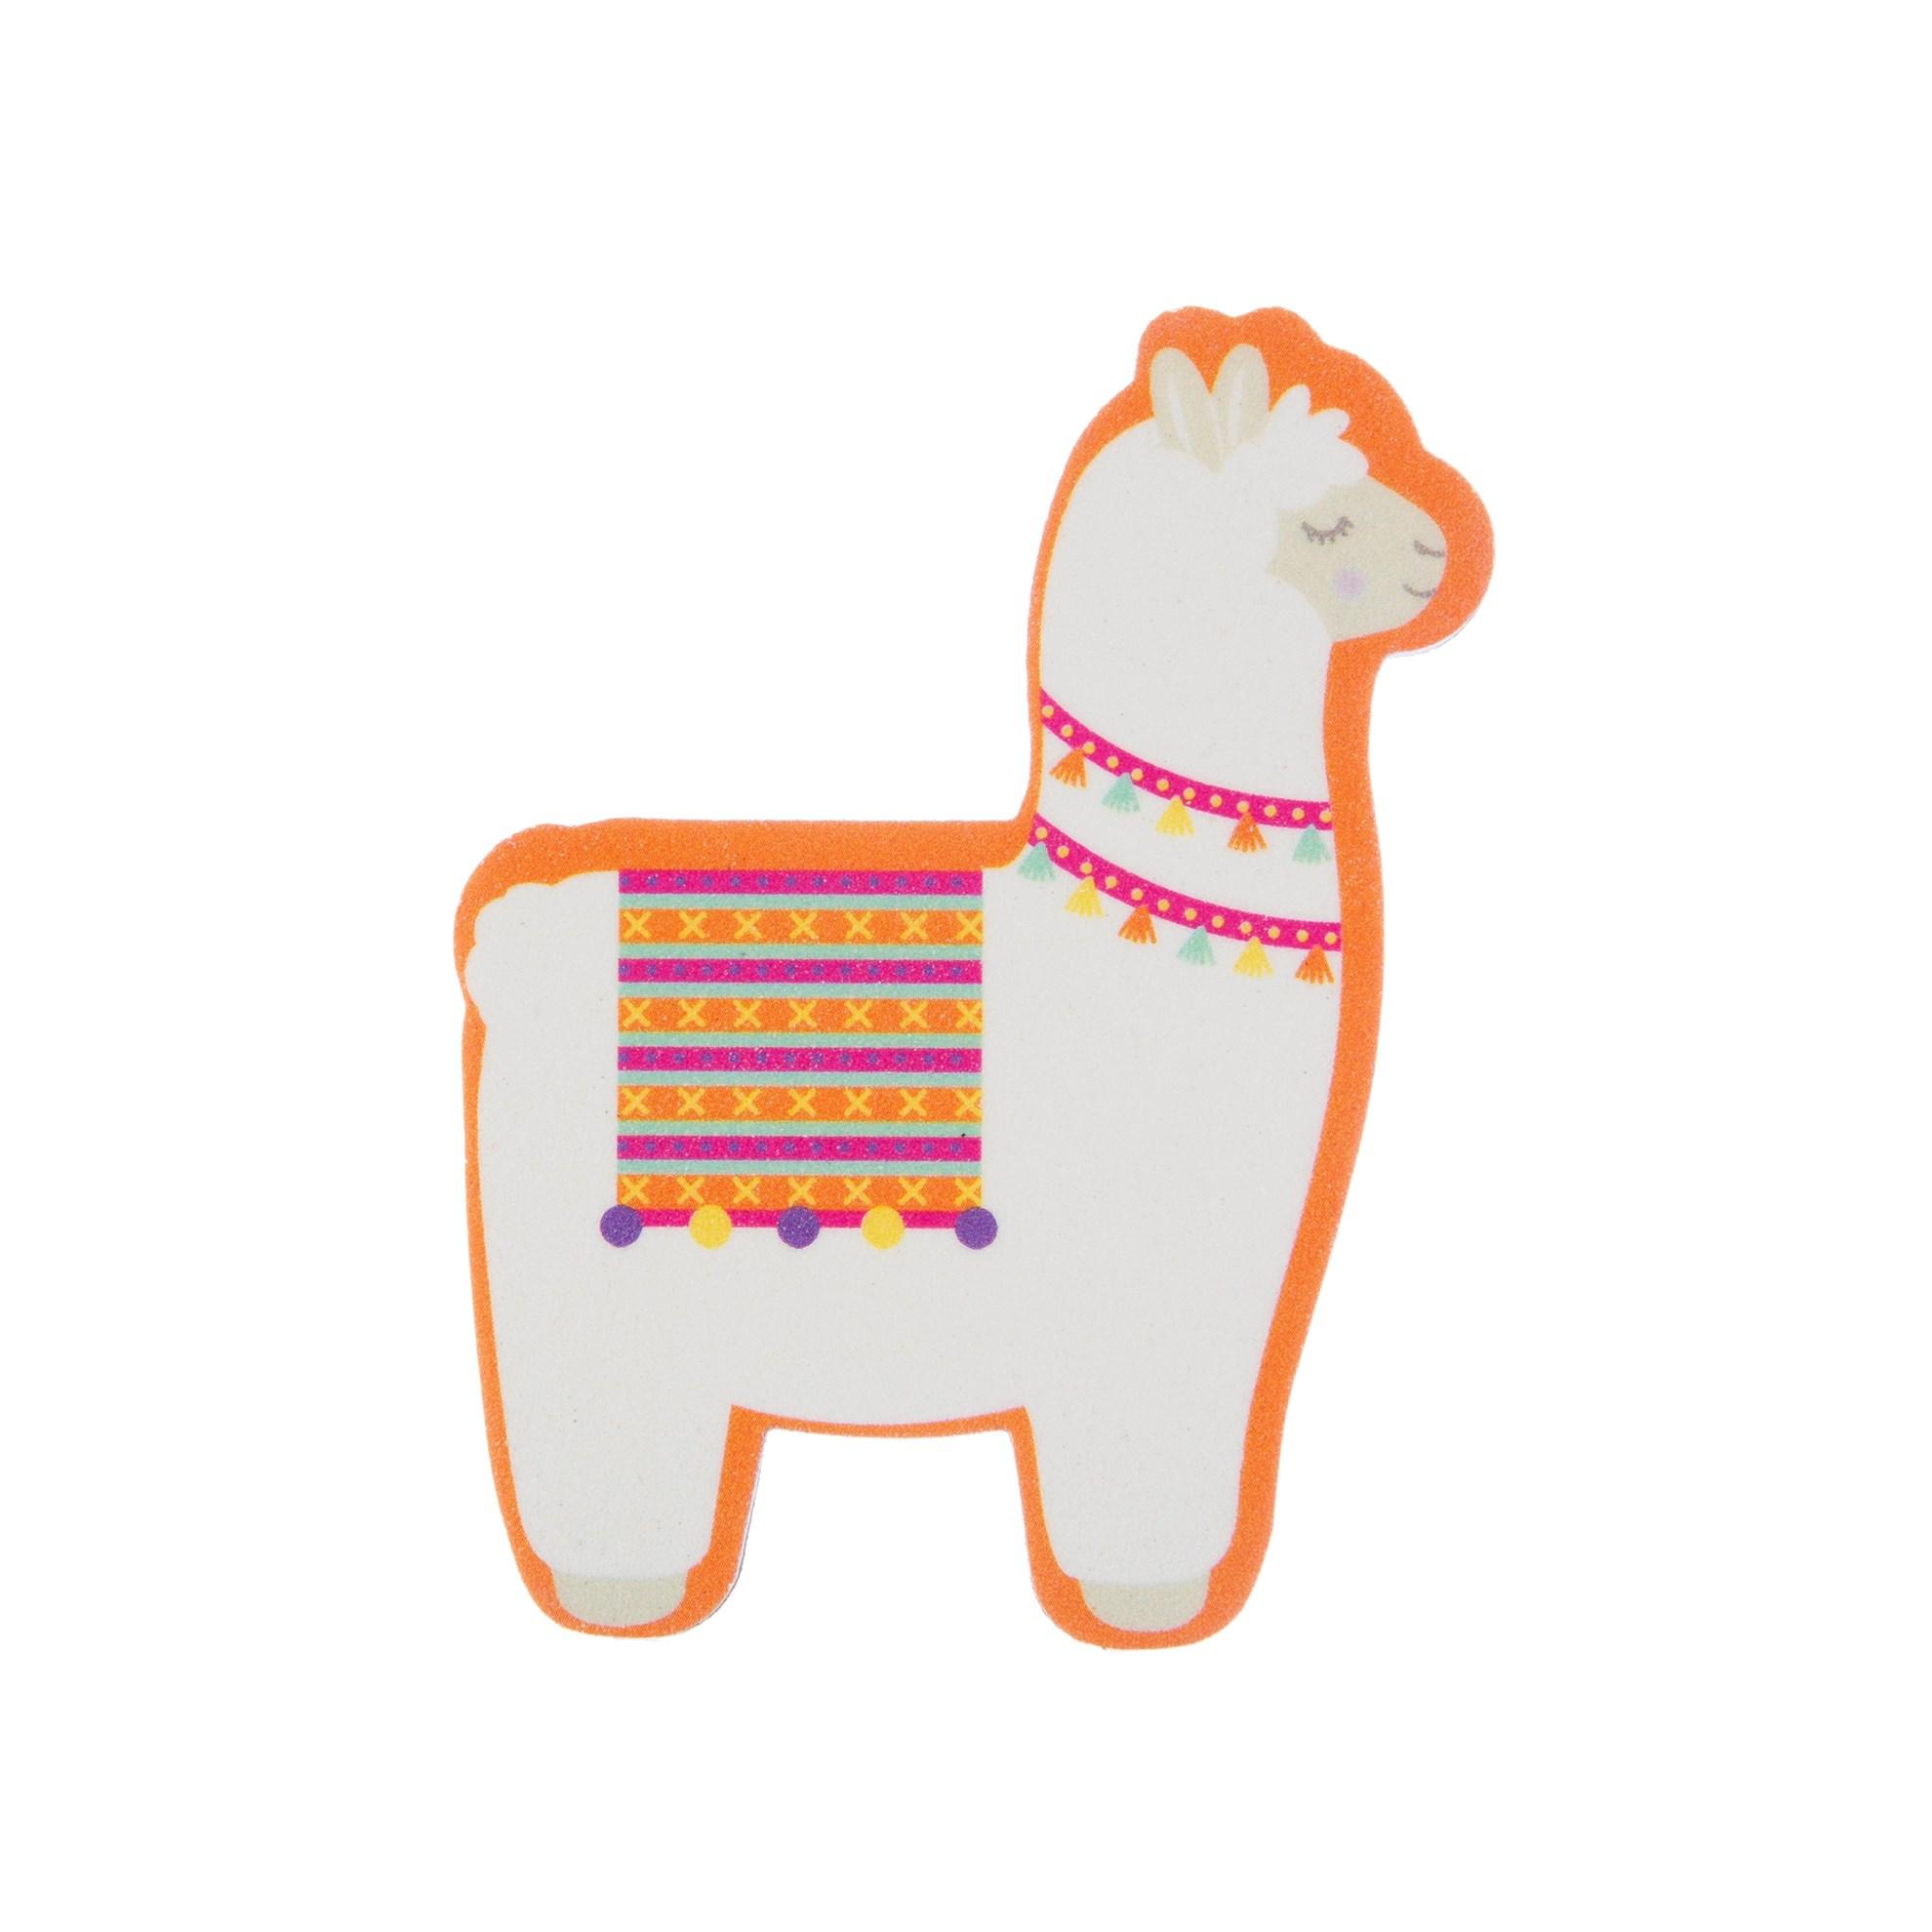 Dětský pilník na nehty Lima Llama 4dr. cena/ks_0